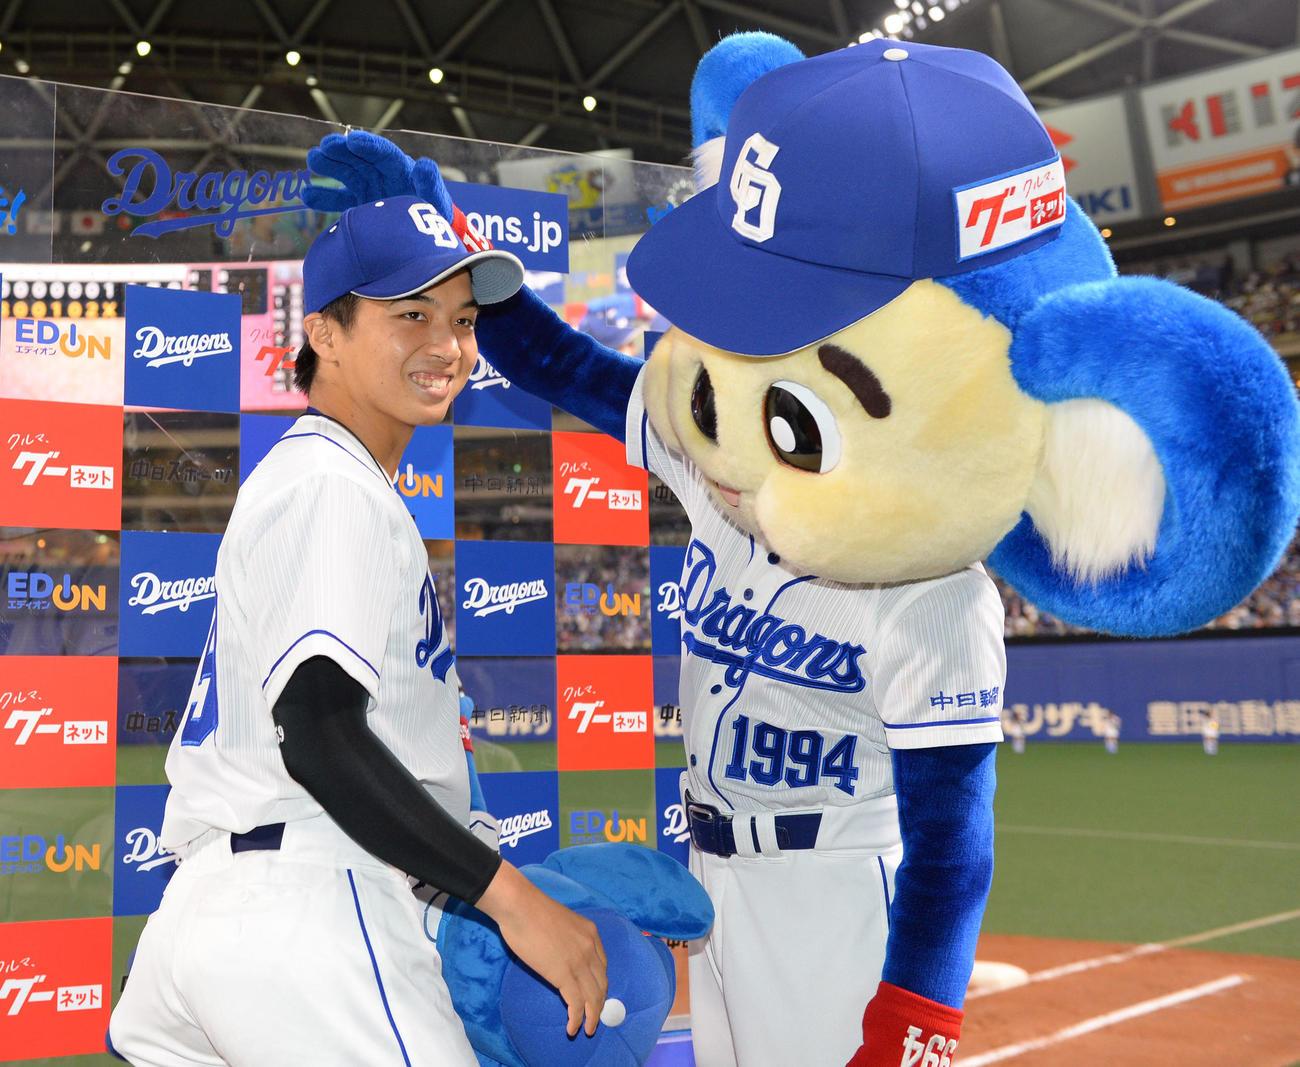 試合終了、ヒーローインタビューのお立ち台にあがりドアラの祝福を受ける山本拓実(19年9月16日撮影)